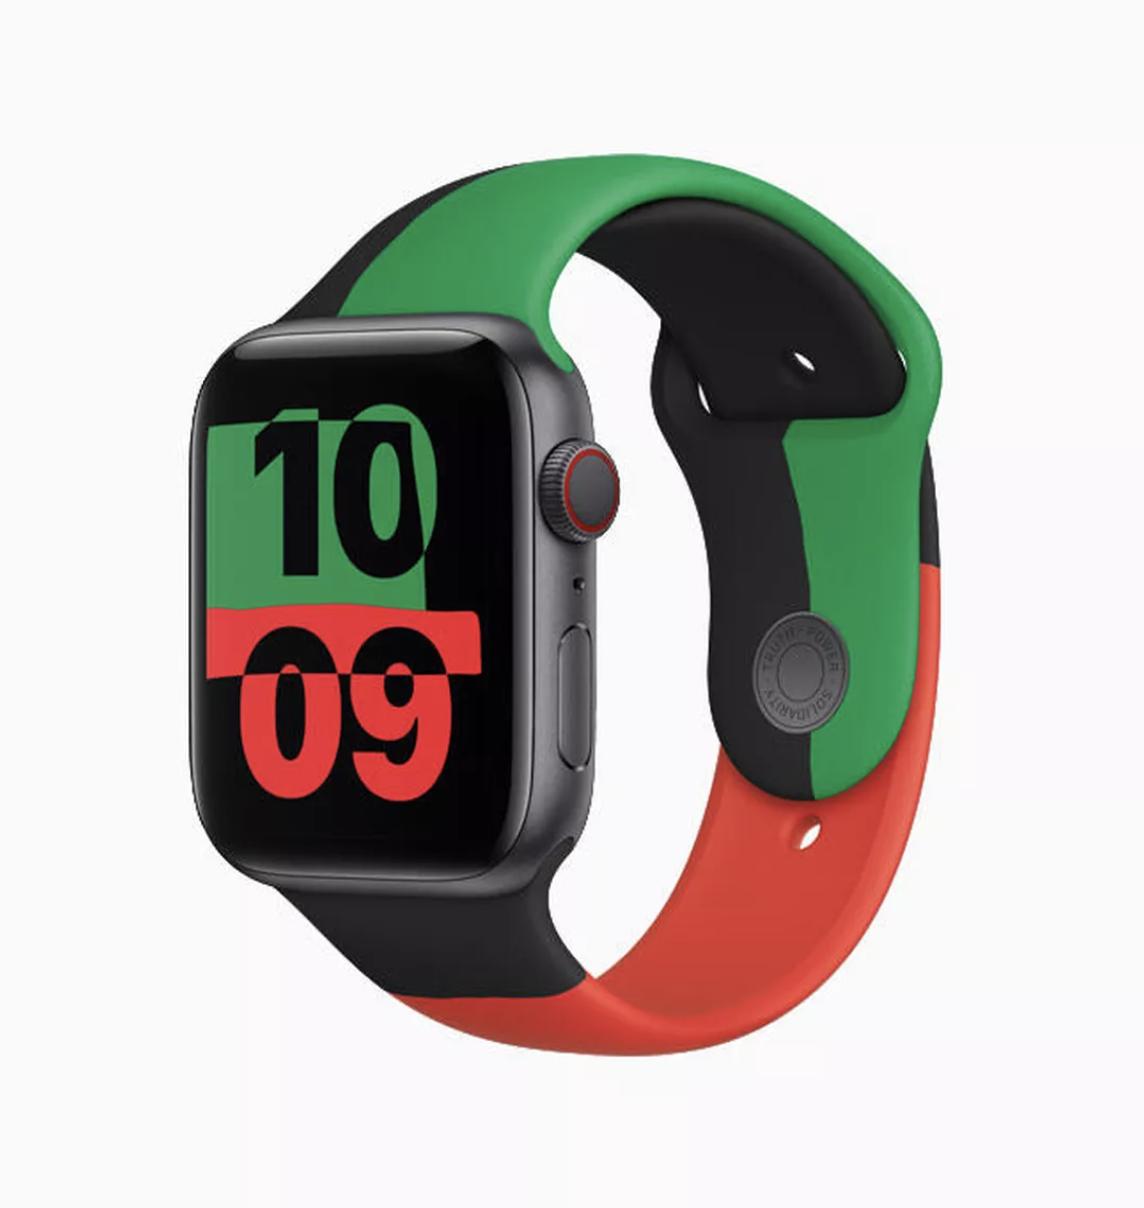 苹果推出限量版Apple Watch和运动表带